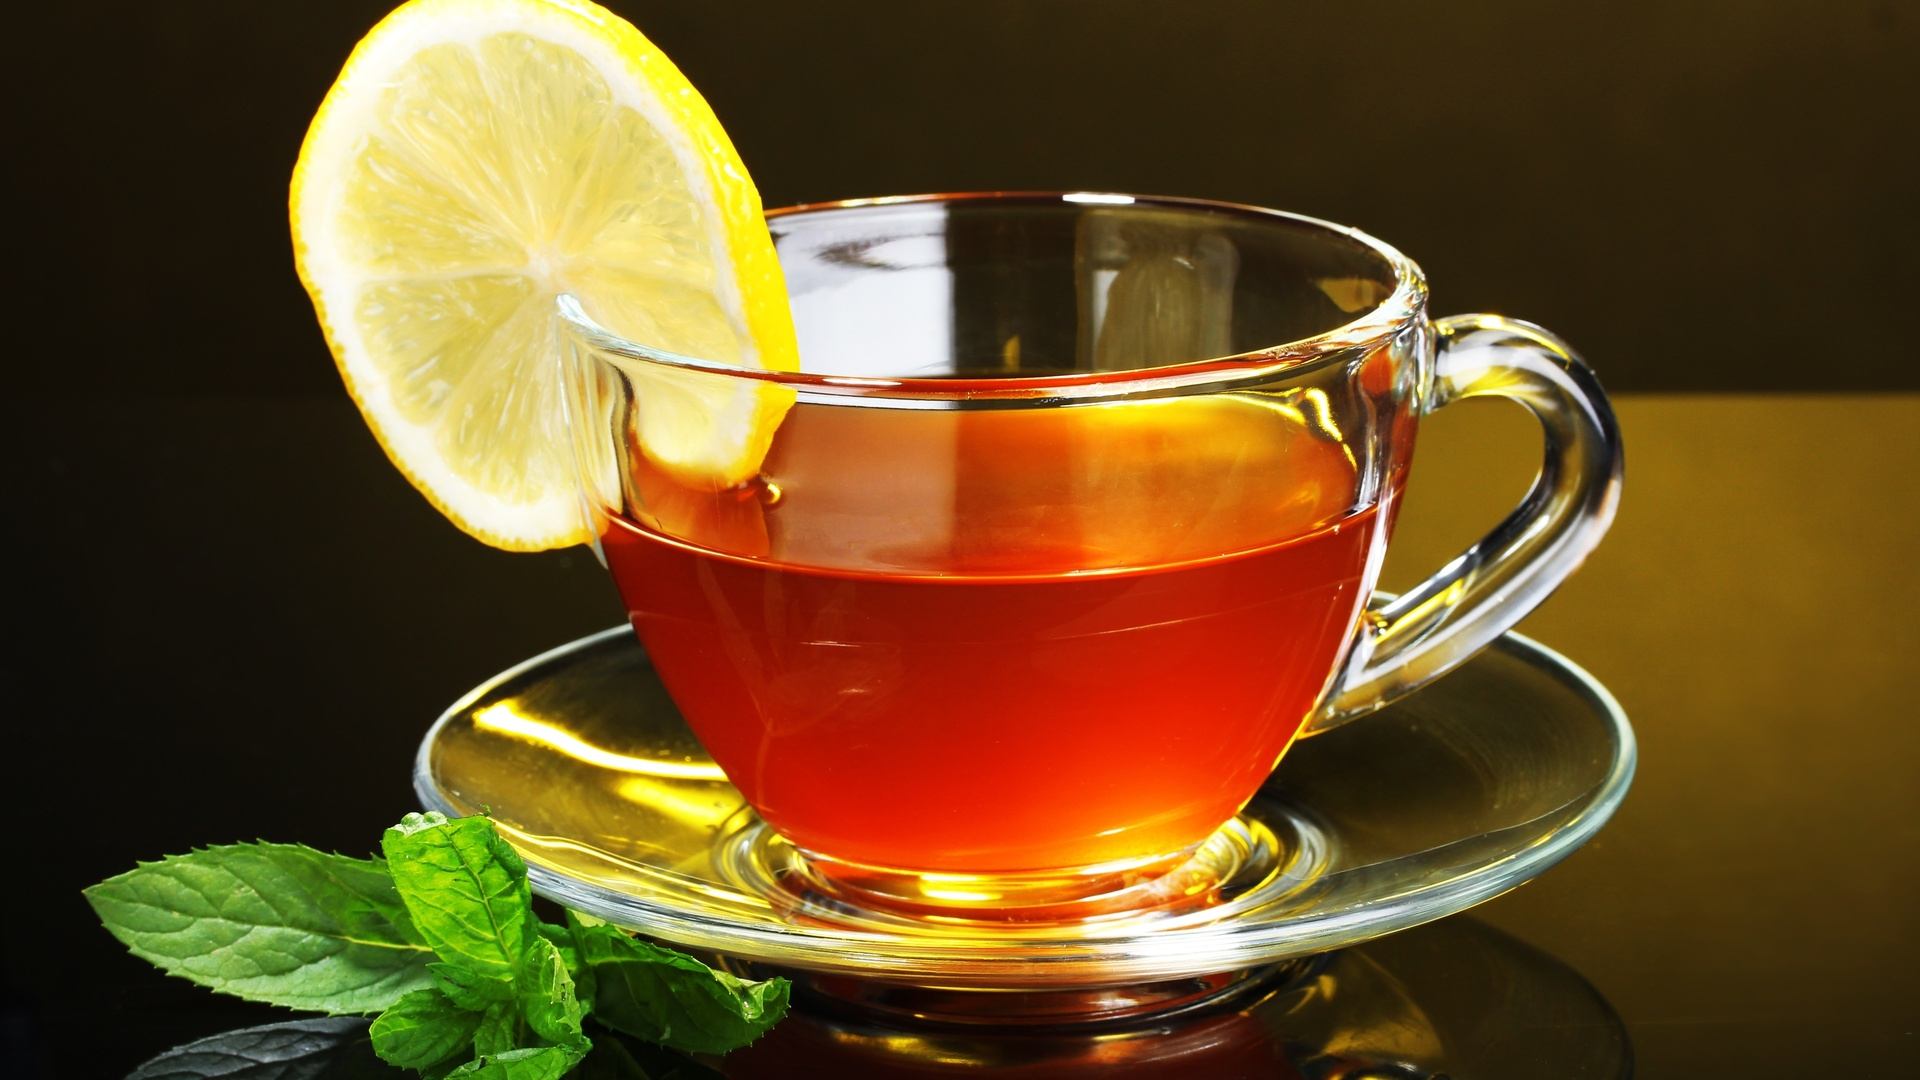 вечером мы любим чай